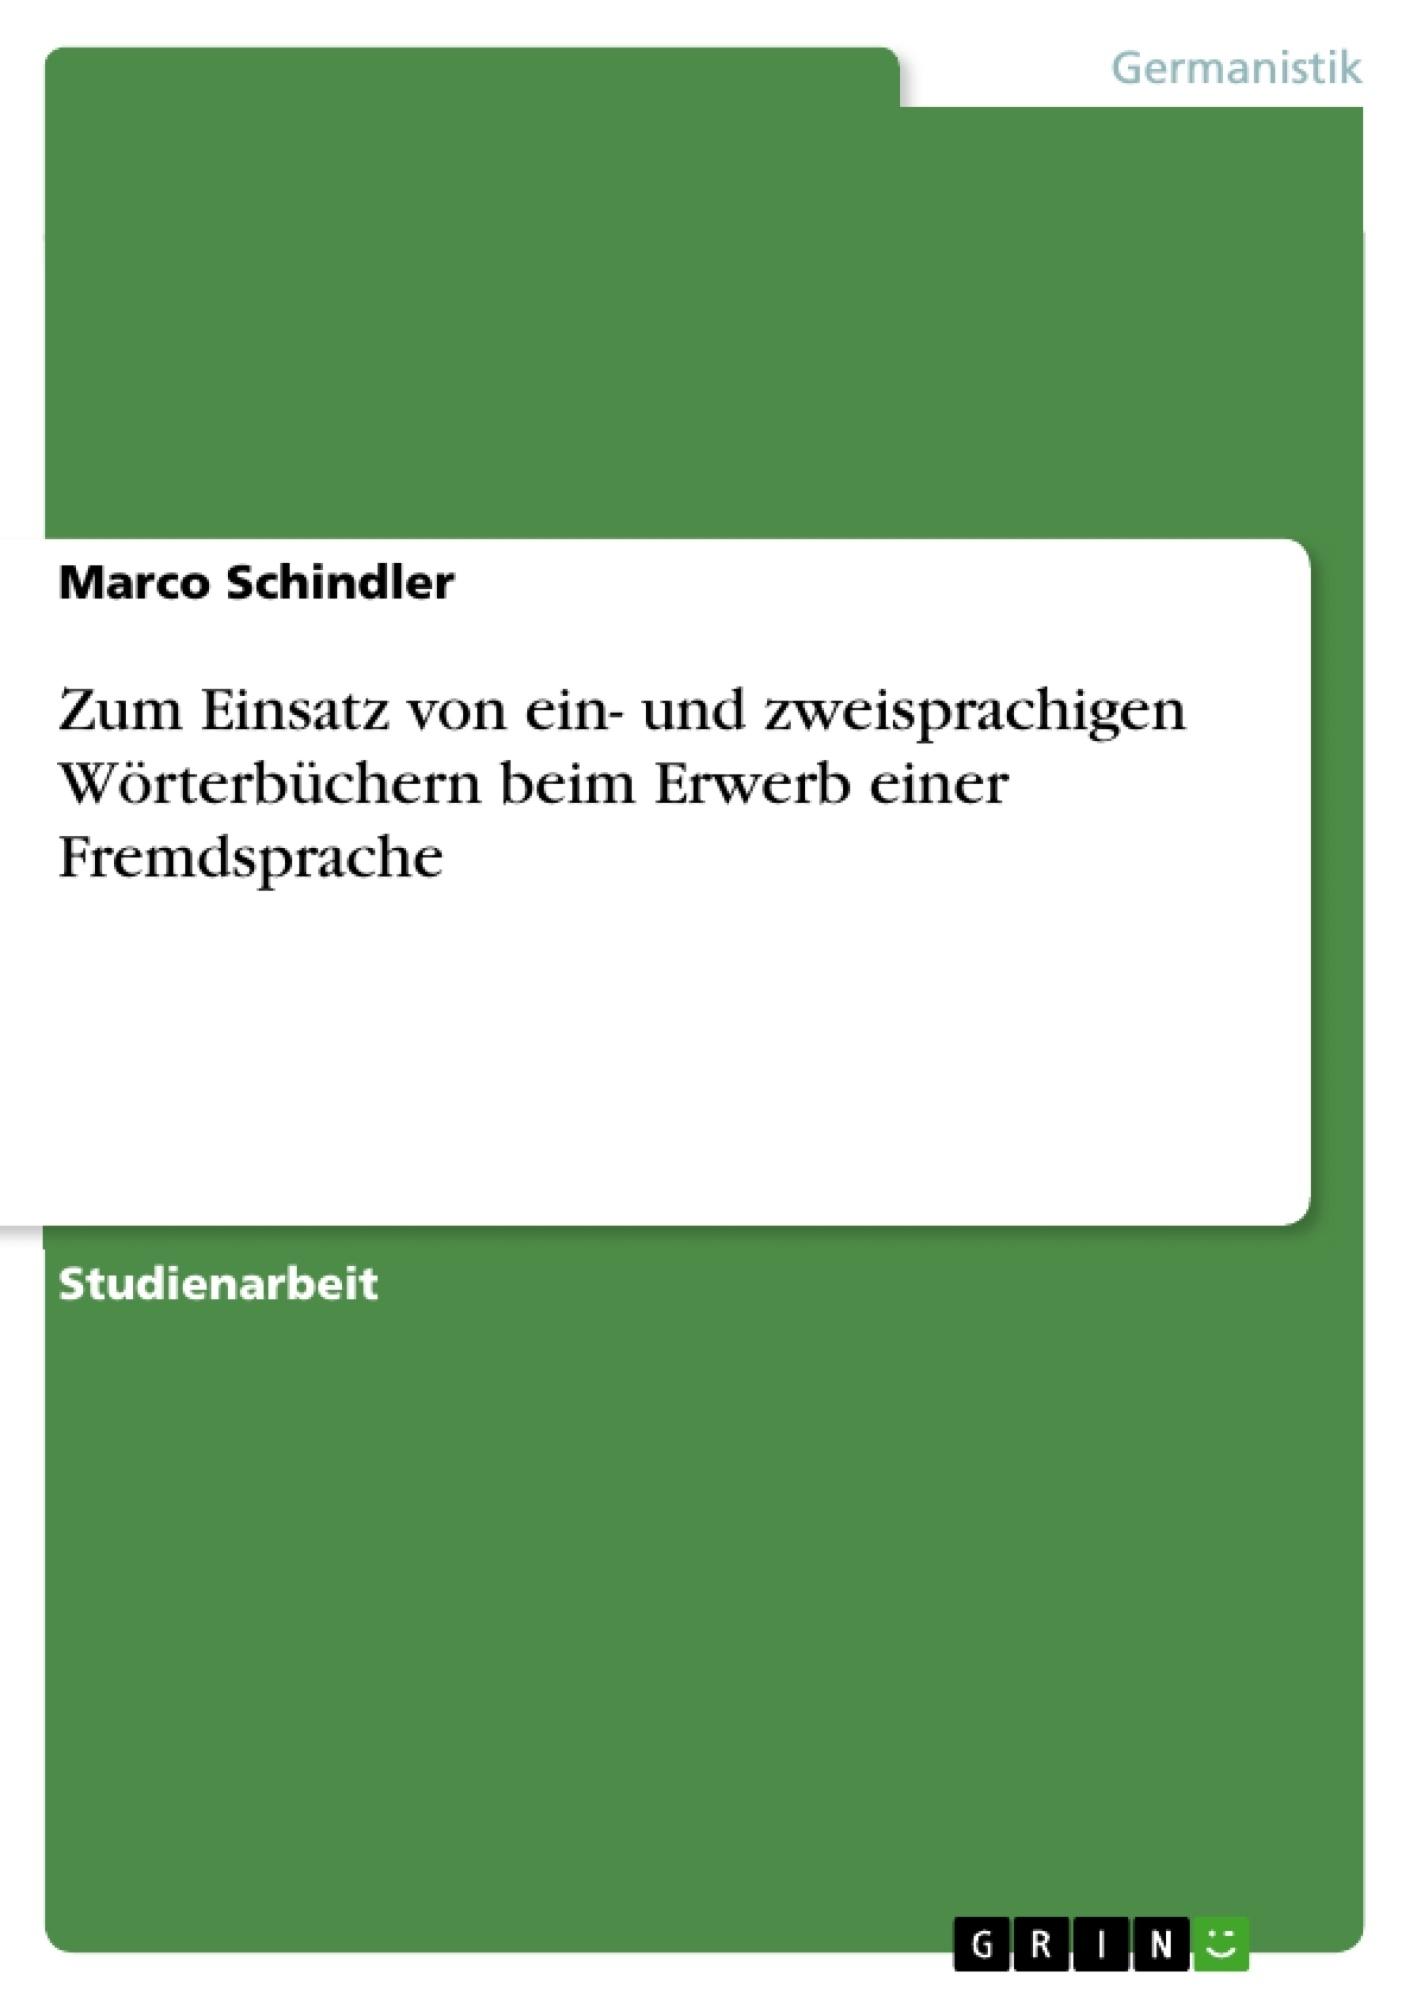 Titel: Zum Einsatz von ein- und zweisprachigen Wörterbüchern beim Erwerb einer Fremdsprache